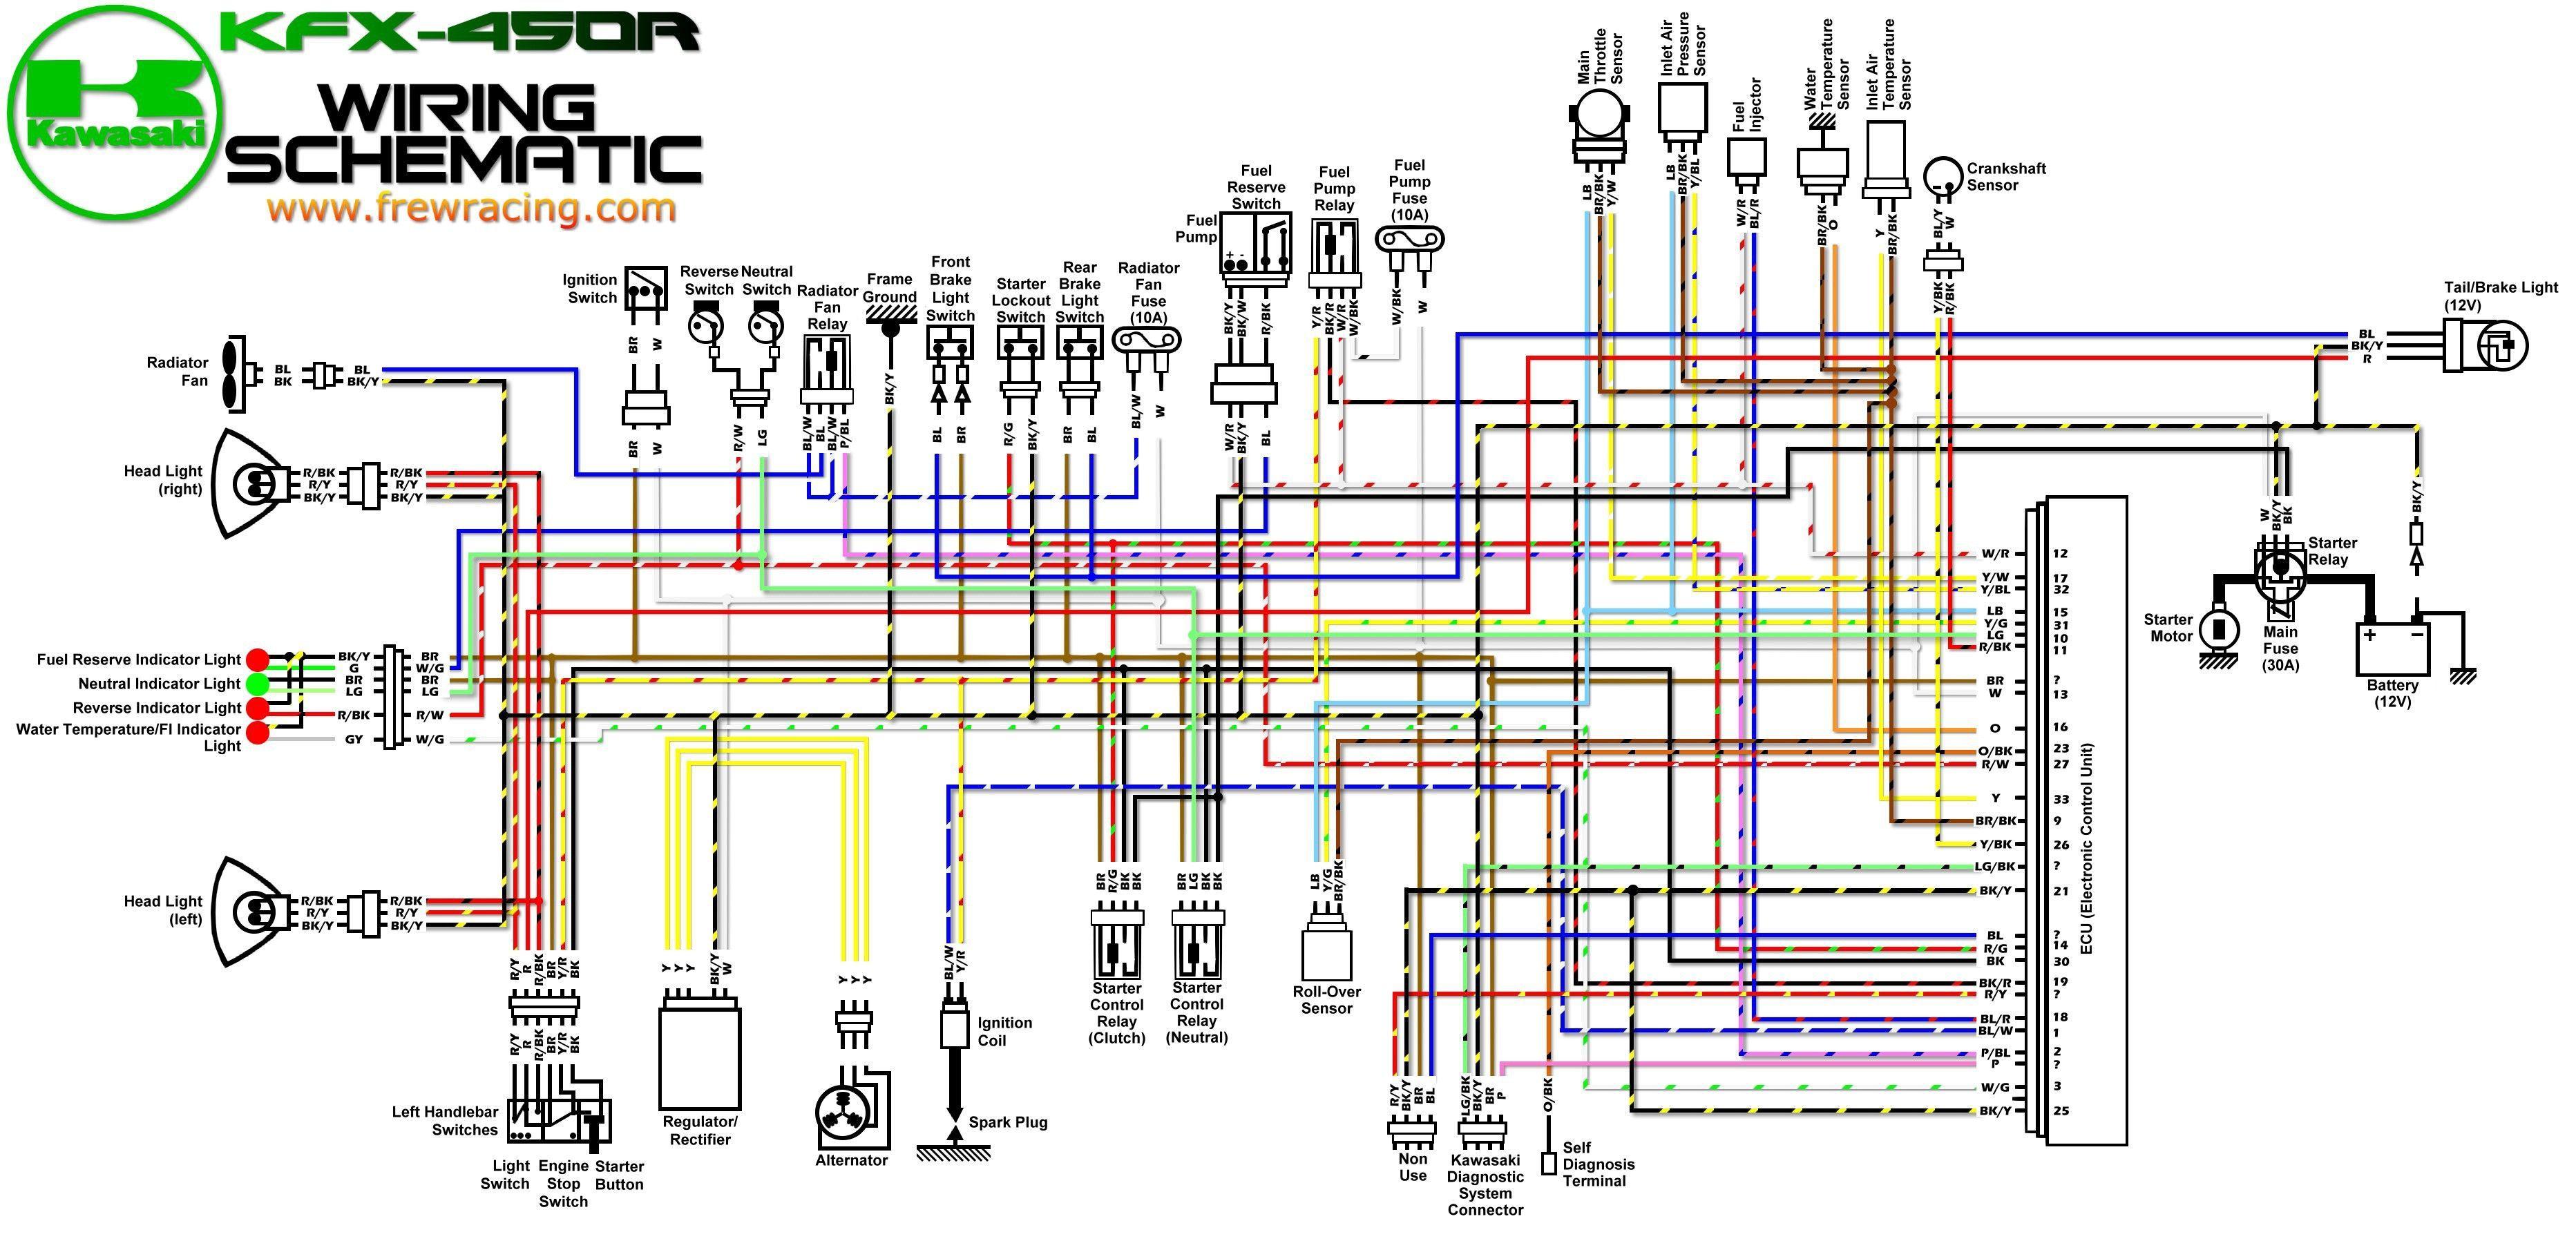 yfz 450 custom #yf - yfn lucci , yfz 450 , yfn lucci wallpaper , yfz 450  custom , yf-2… in 2020 | Electrical diagram, Electrical wiring diagram,  Motorcycle wiringPinterest